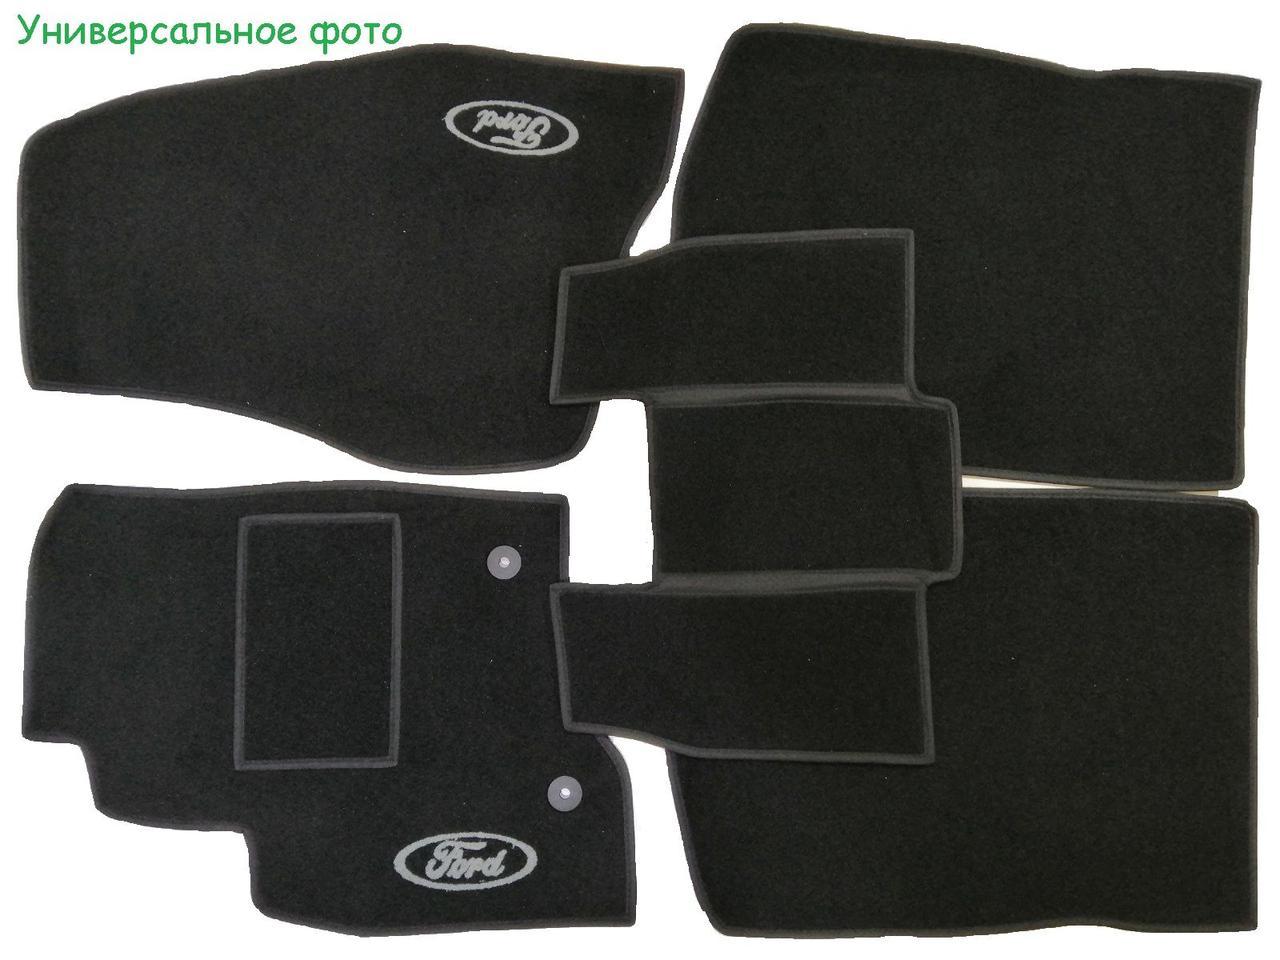 Коврики ворсовые в салон на Ford Fiesta 2008- черные